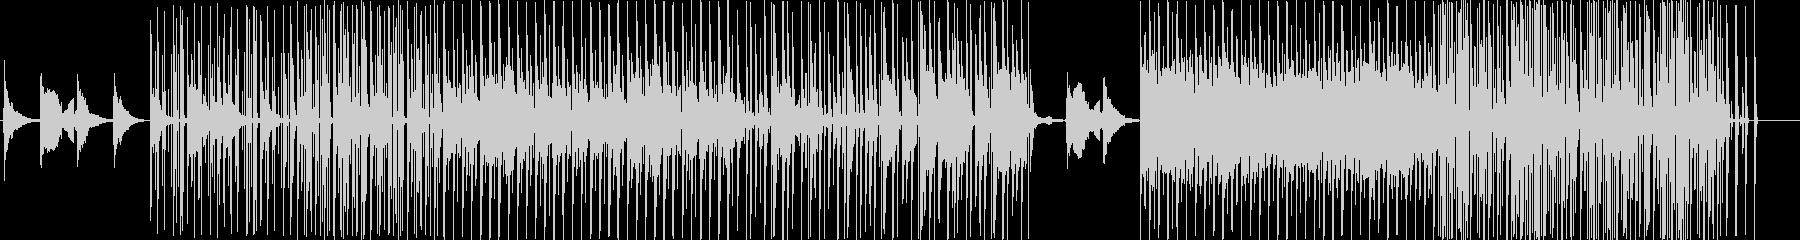 トリッキーな旋律の和風の電子音楽の未再生の波形